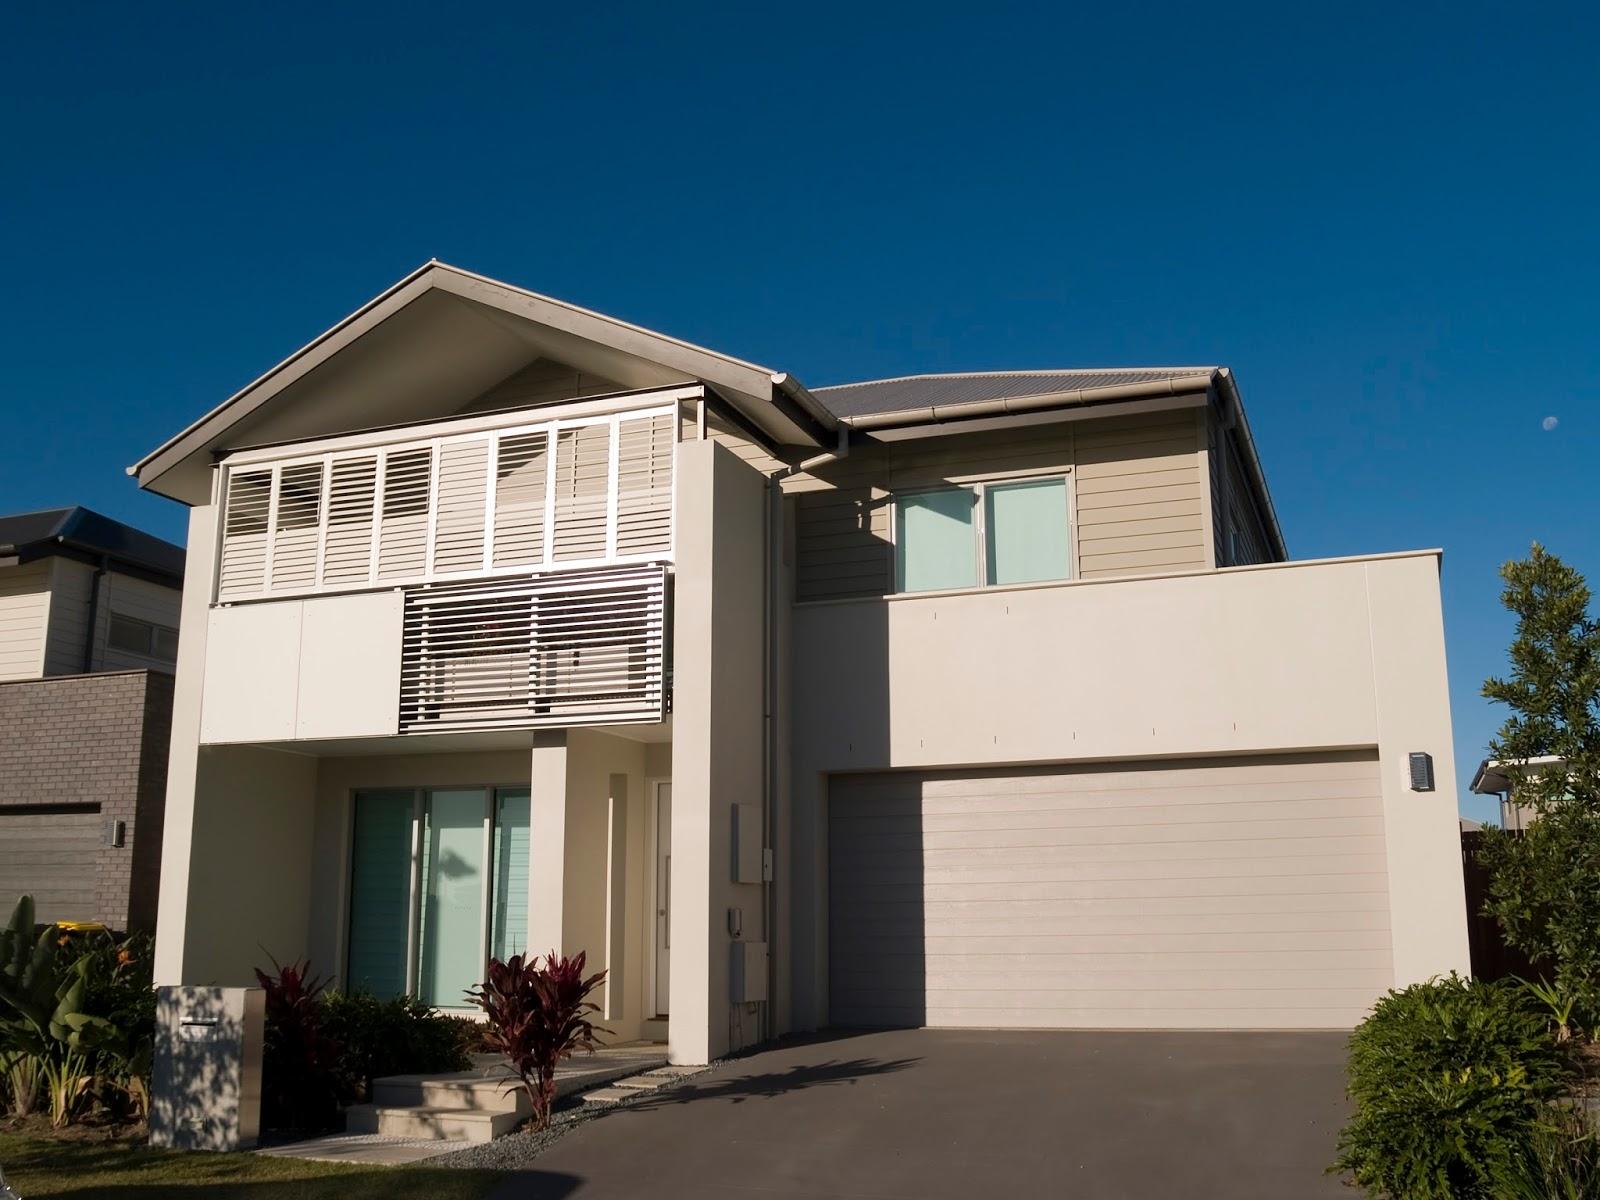 Pisos para casas modernas planos de casas modernas for Fachadas de casas modernas 1 piso